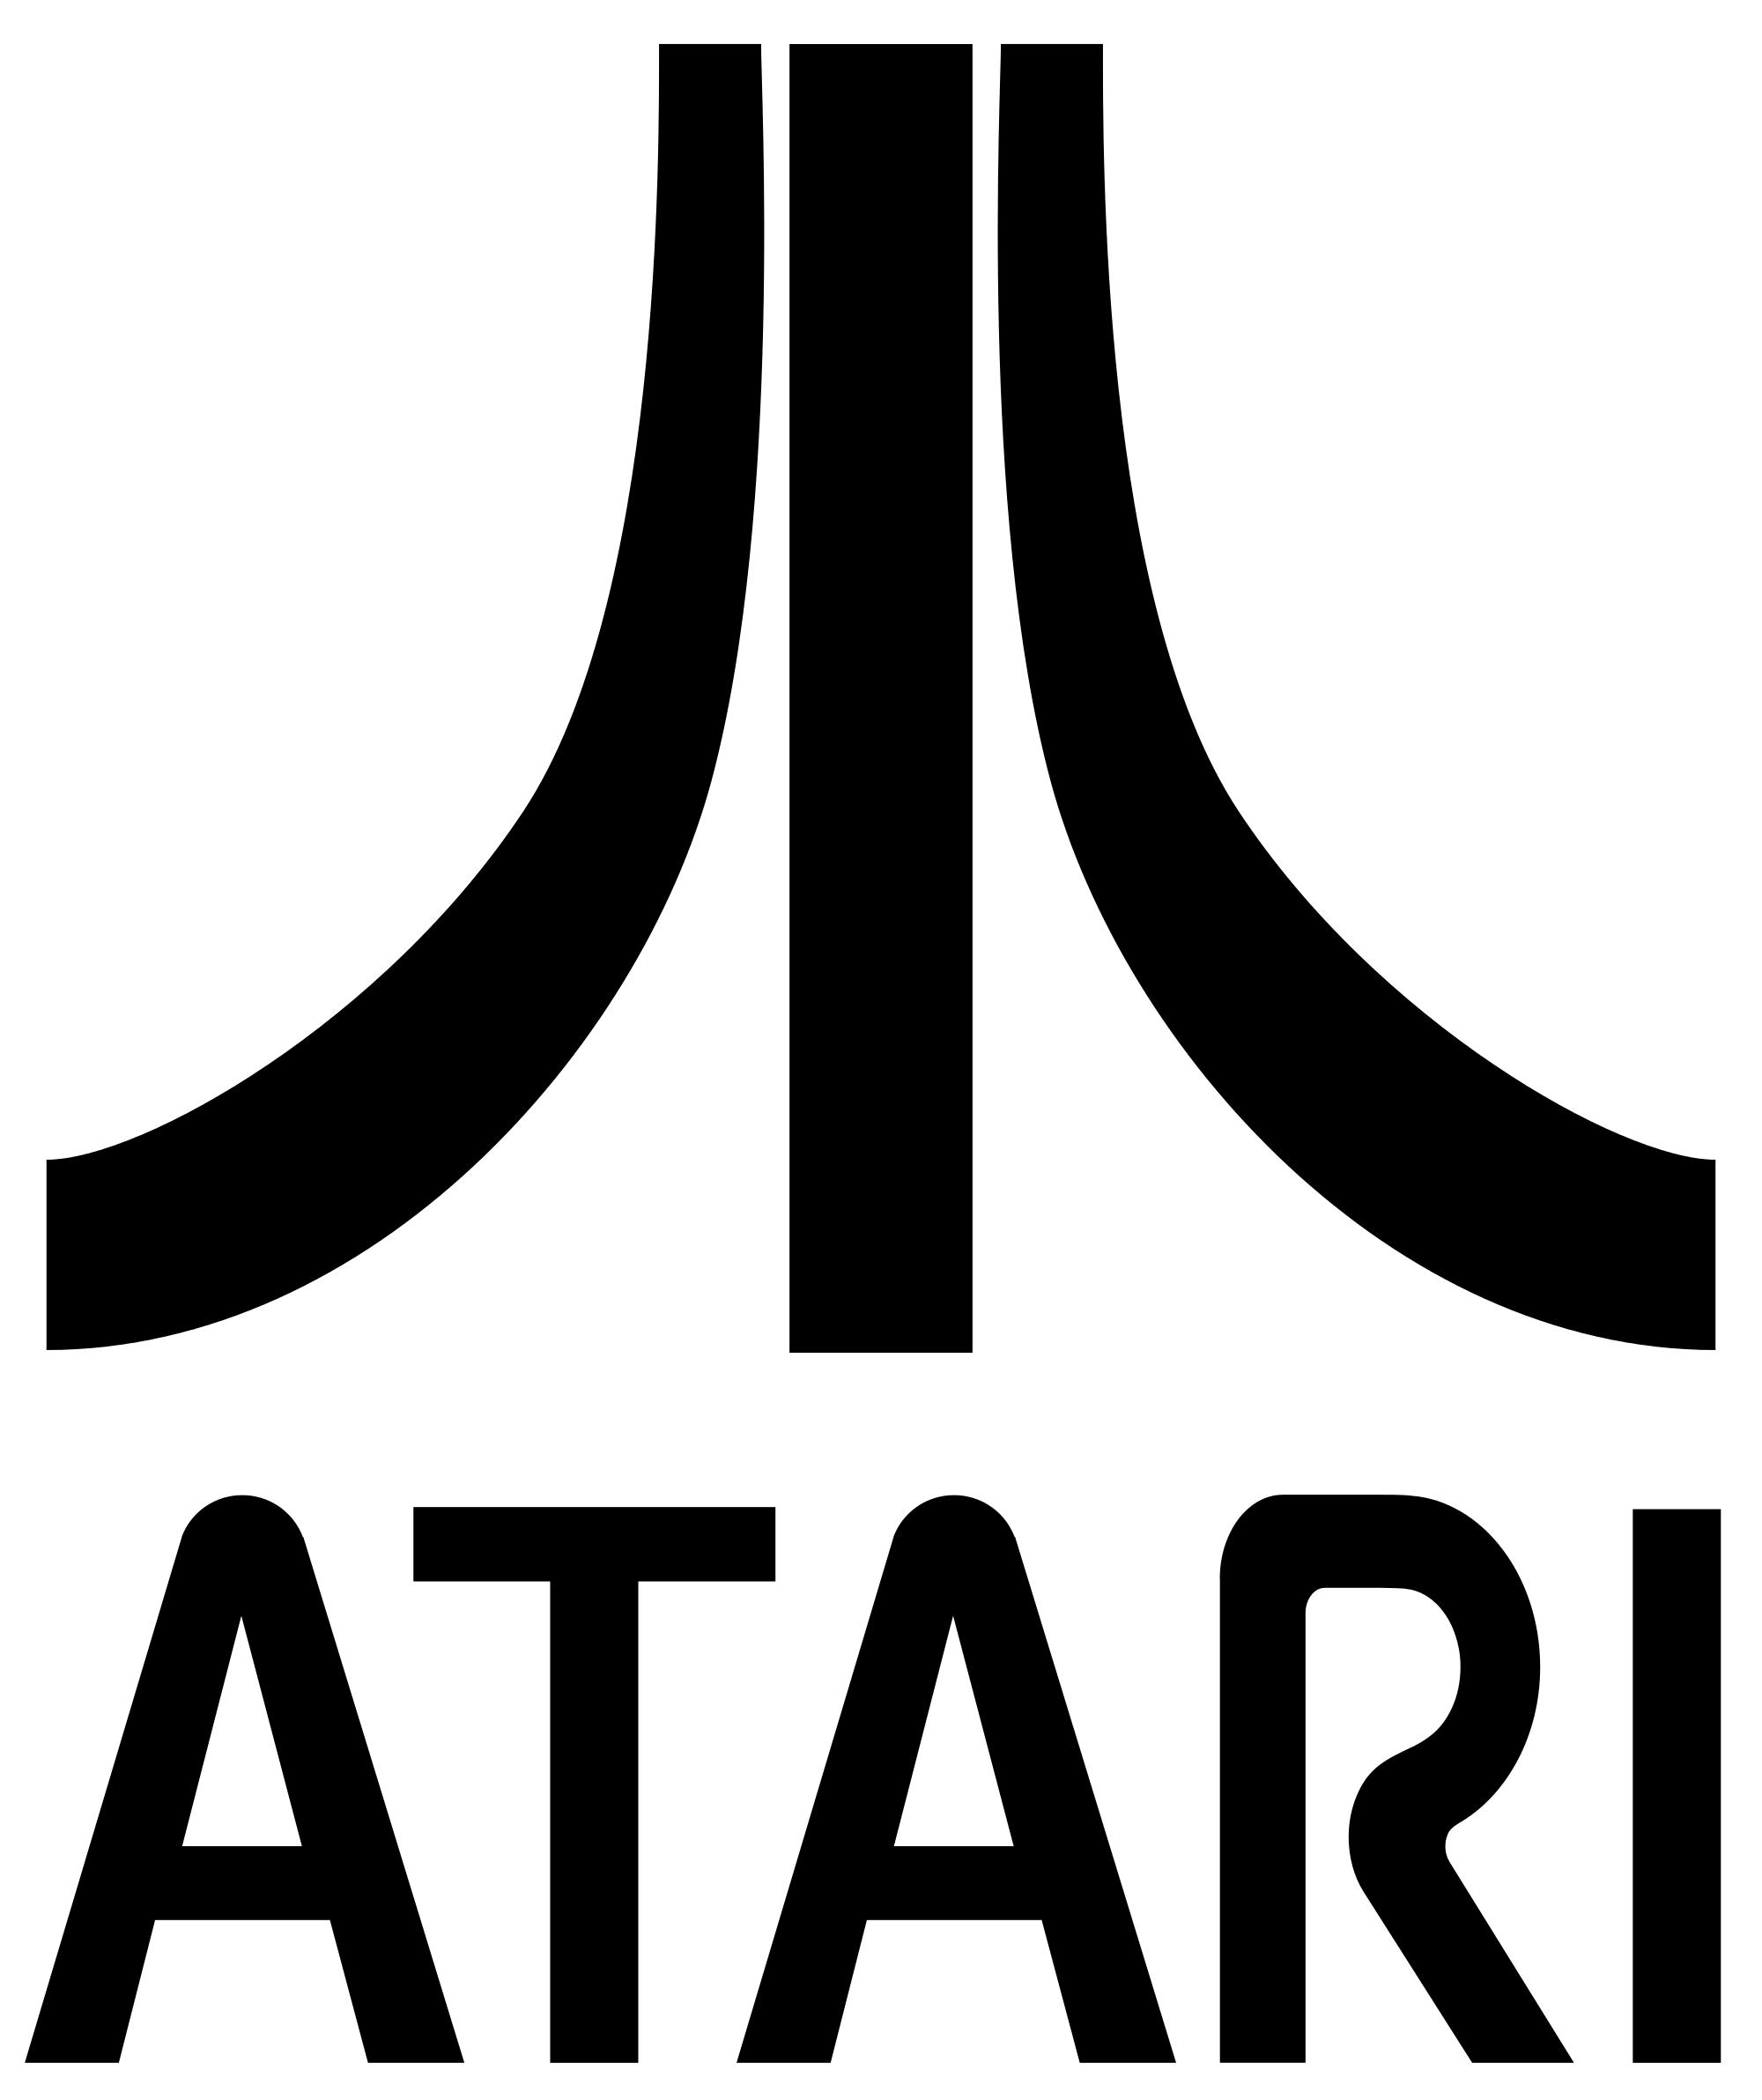 Atari Acrade - Alte Games wieder spielen [Atari]